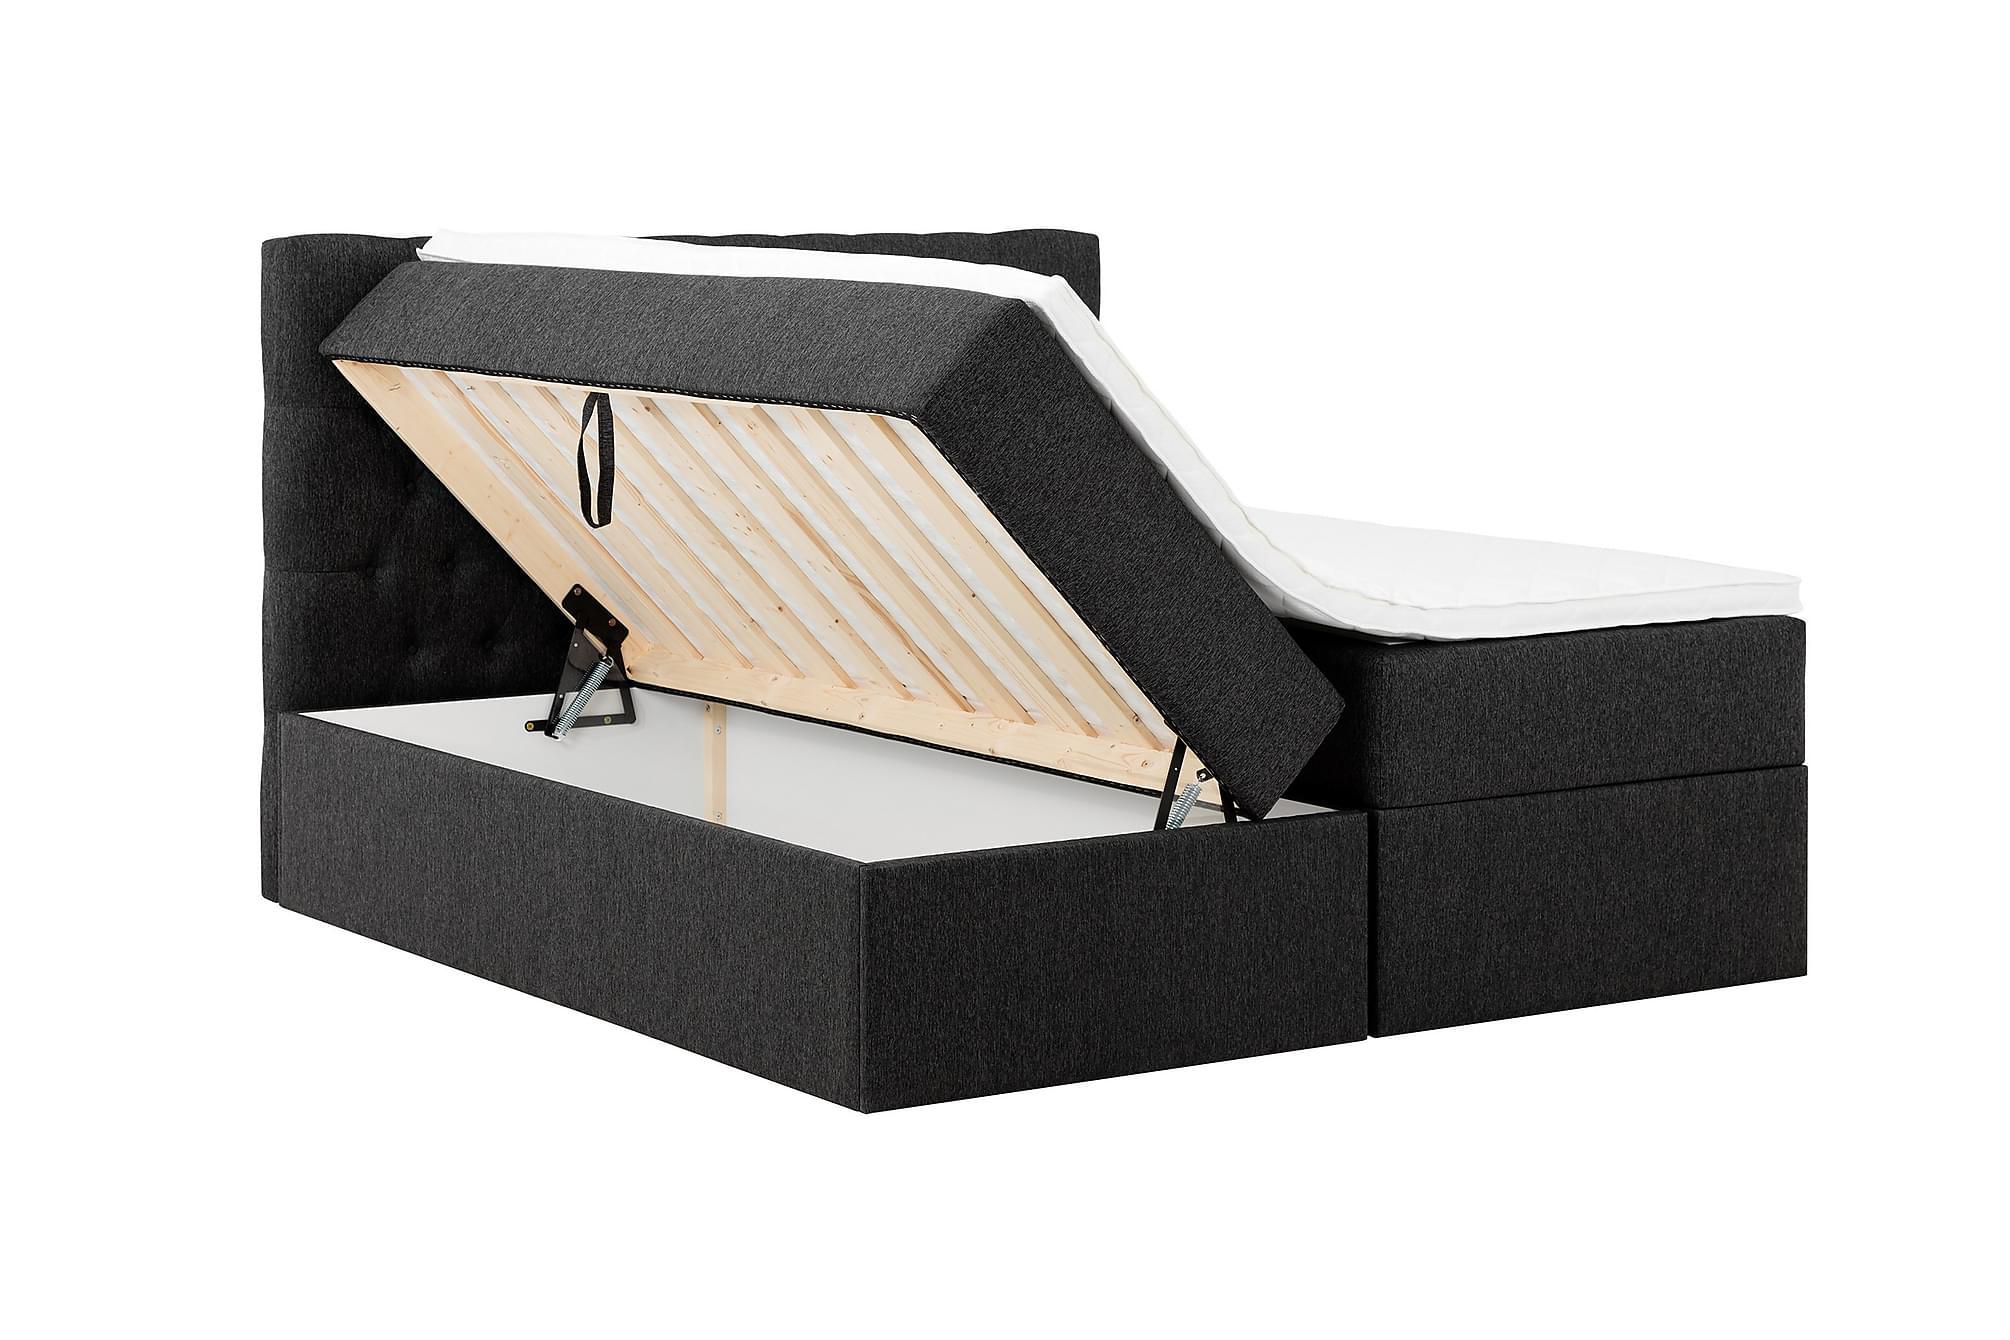 BOXBED 180 Förvaringssäng Svart